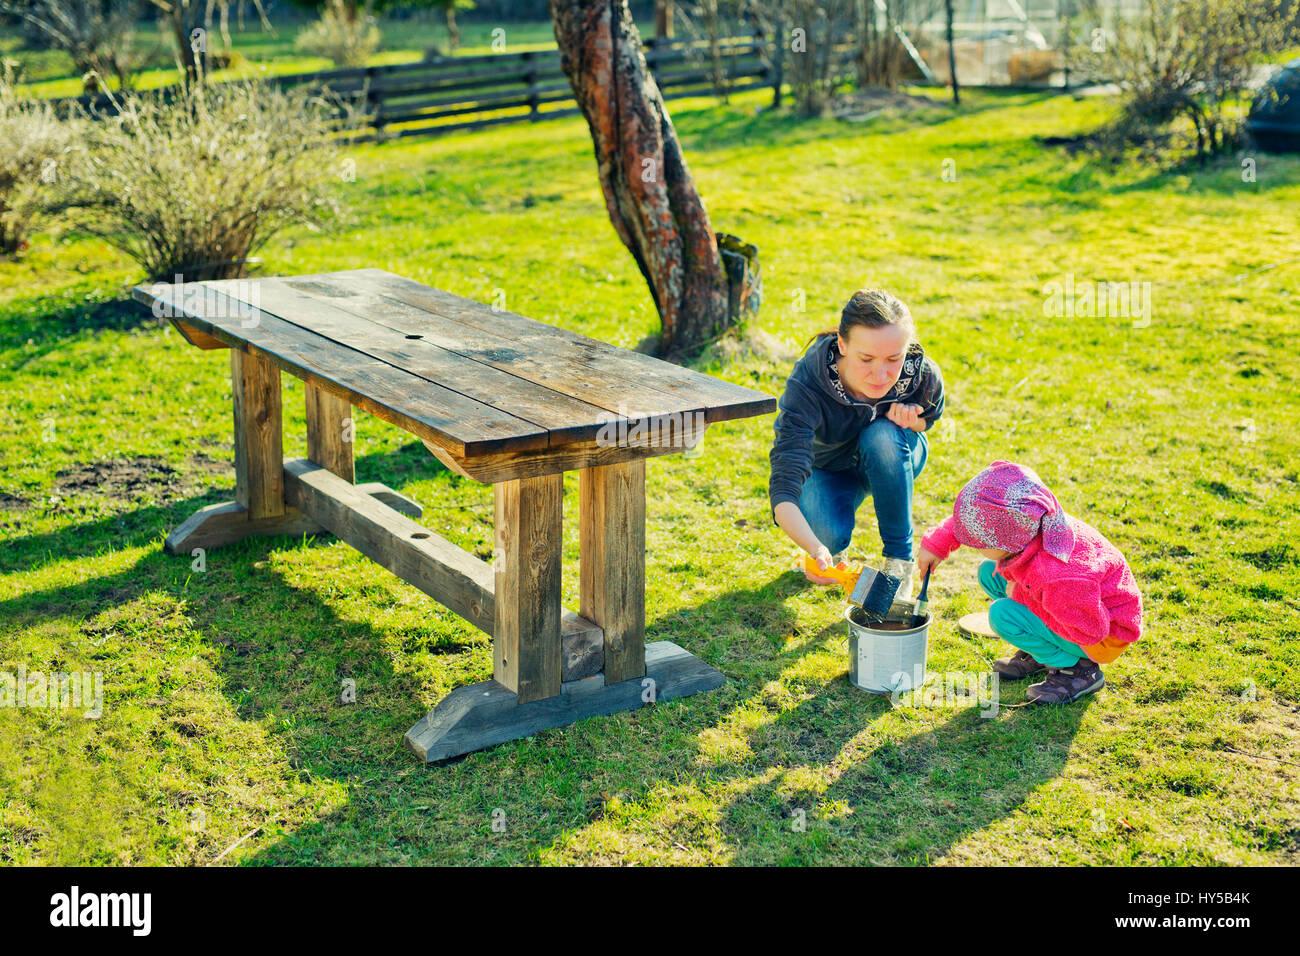 Finnland, paijat-Hame, Heinola, Mutter mit Tochter (4-5) ölen Holztisch in Garten Stockbild